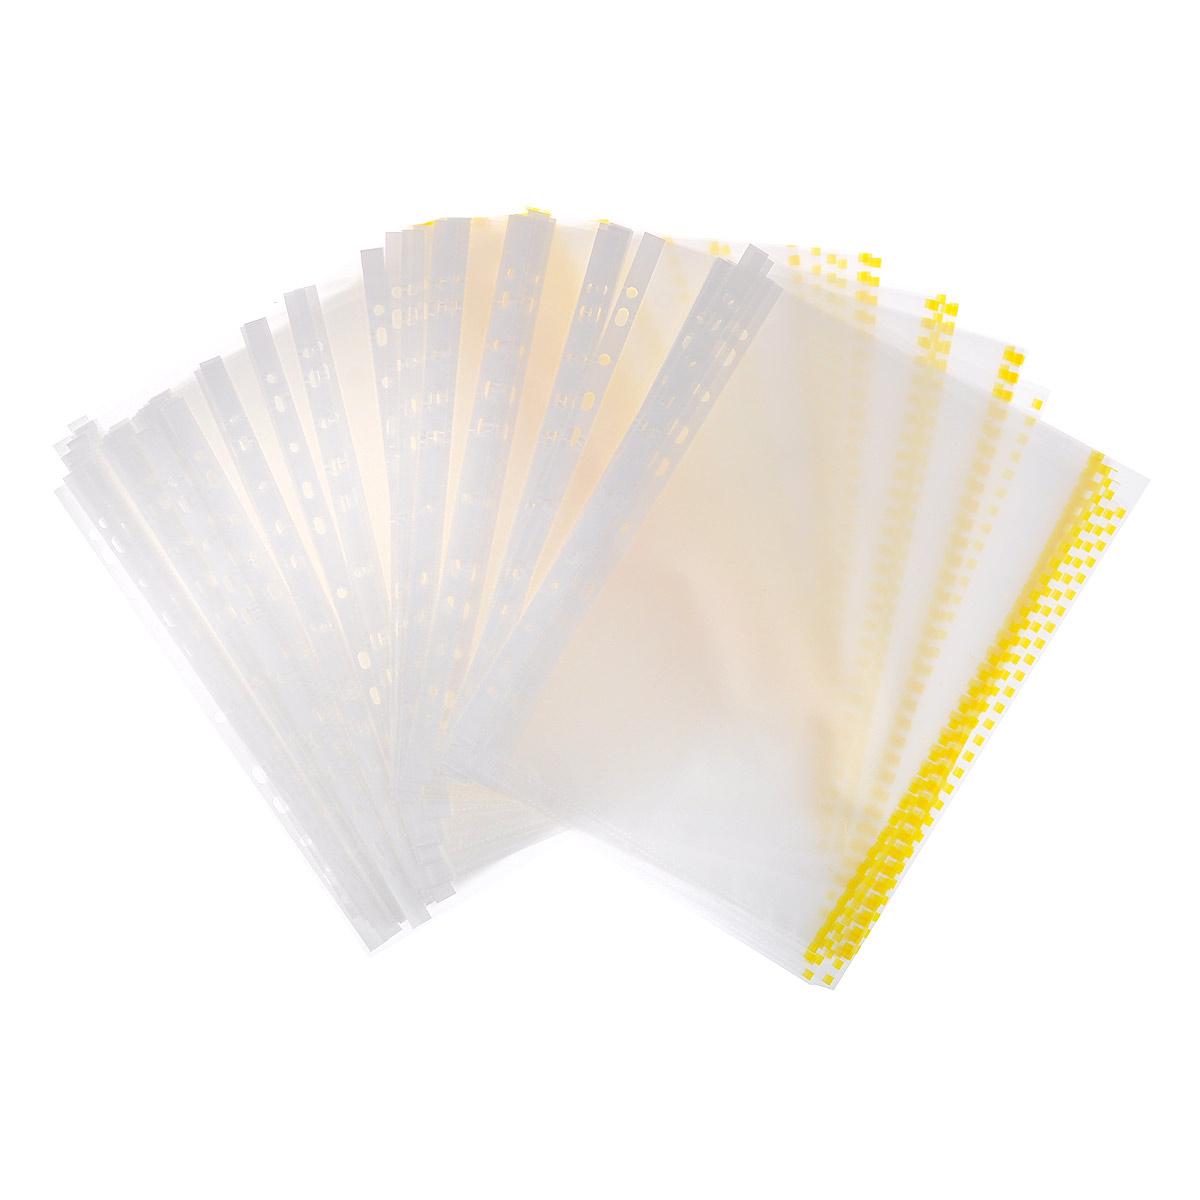 Перфофайл пластиковый ErichKrause Semi-Clear Economy, с цветной полосой, A4, прозрачный, желтый, 100 шт